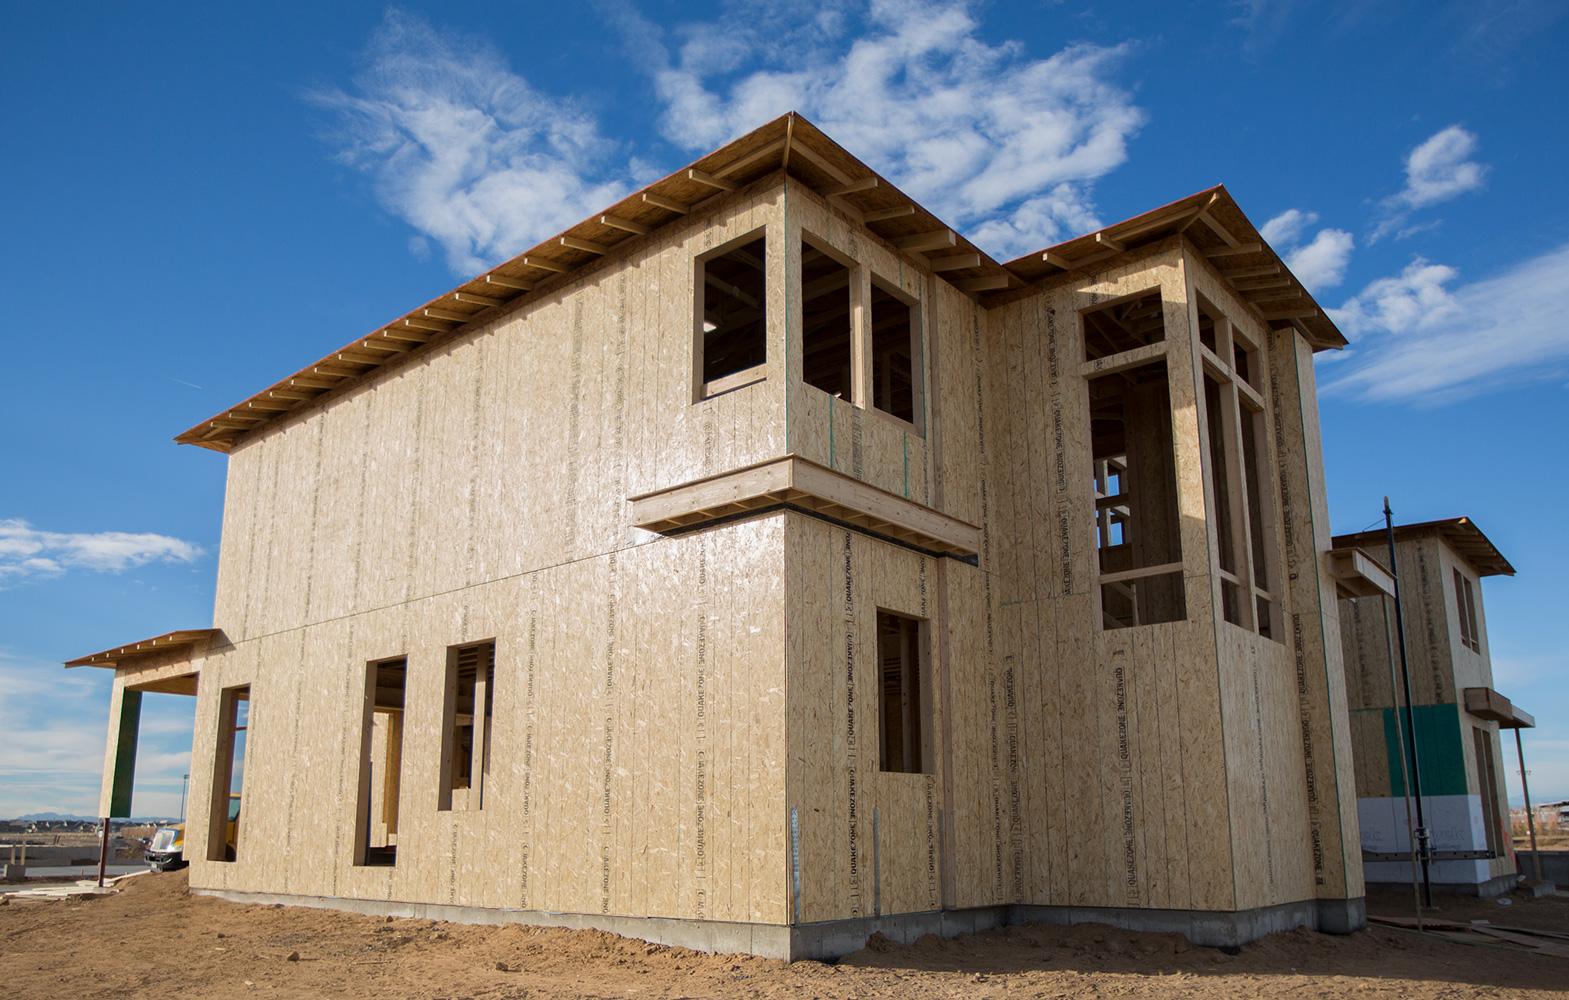 Por qué los paneles de paredes más altos son el futuro de la construcción